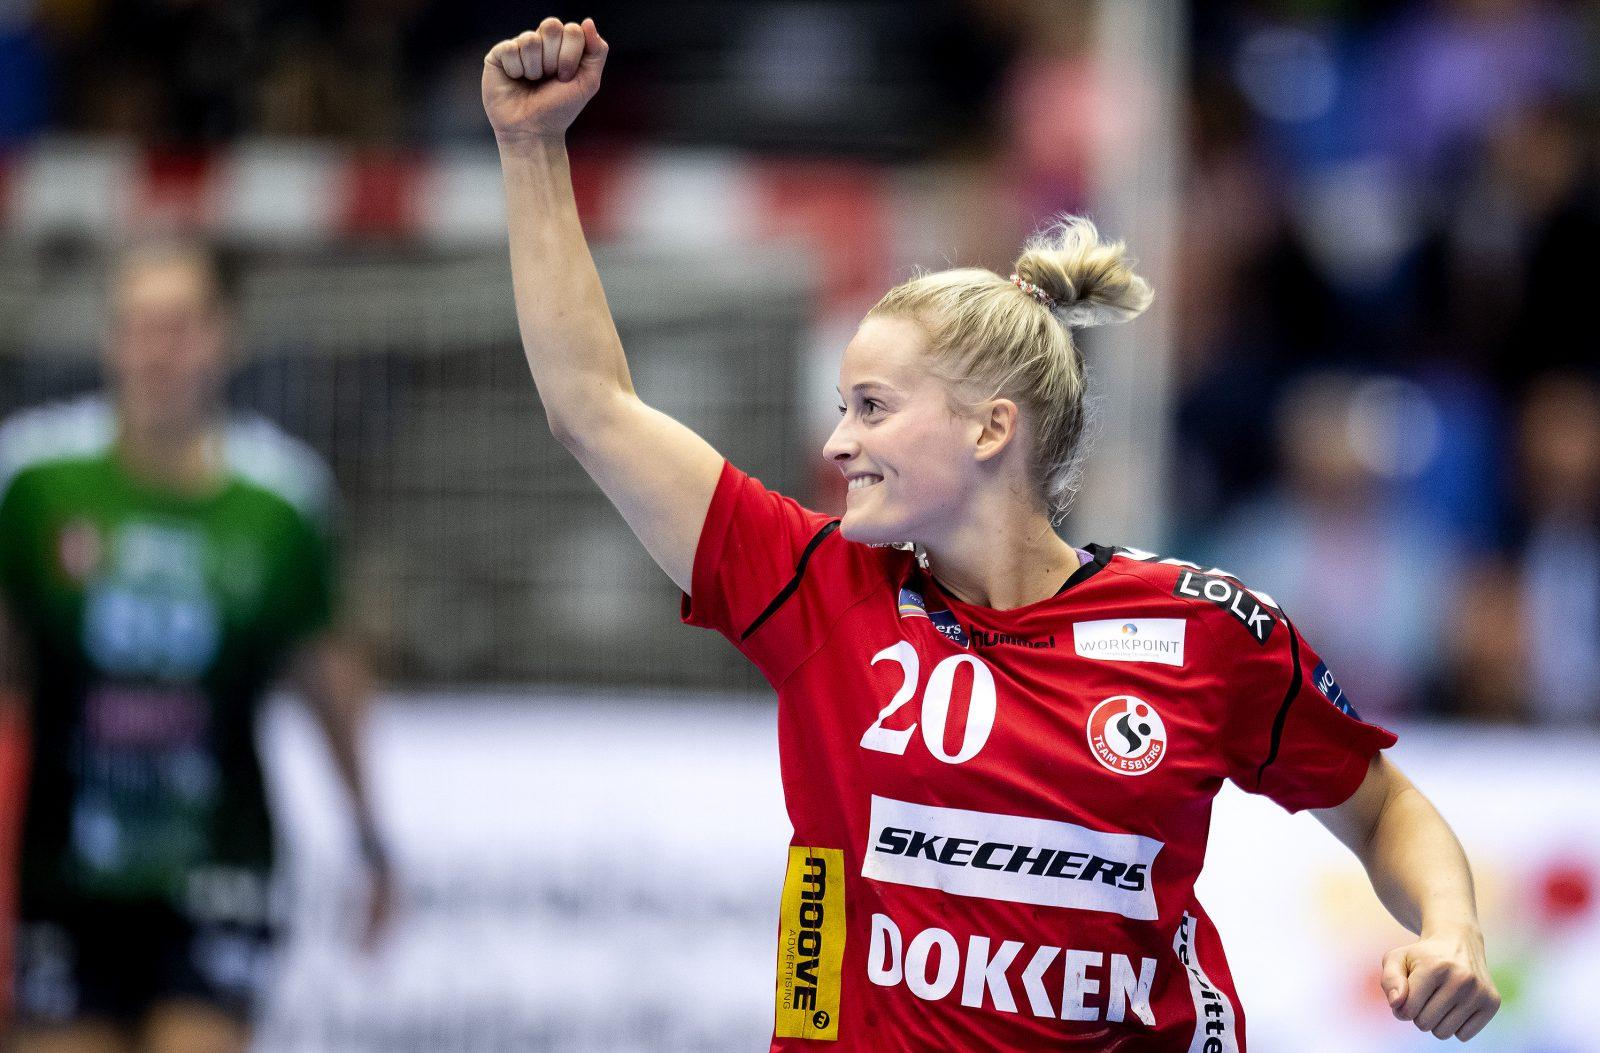 CL kvindehåndbold: Team Esbjerg - MKS Perla Lublin